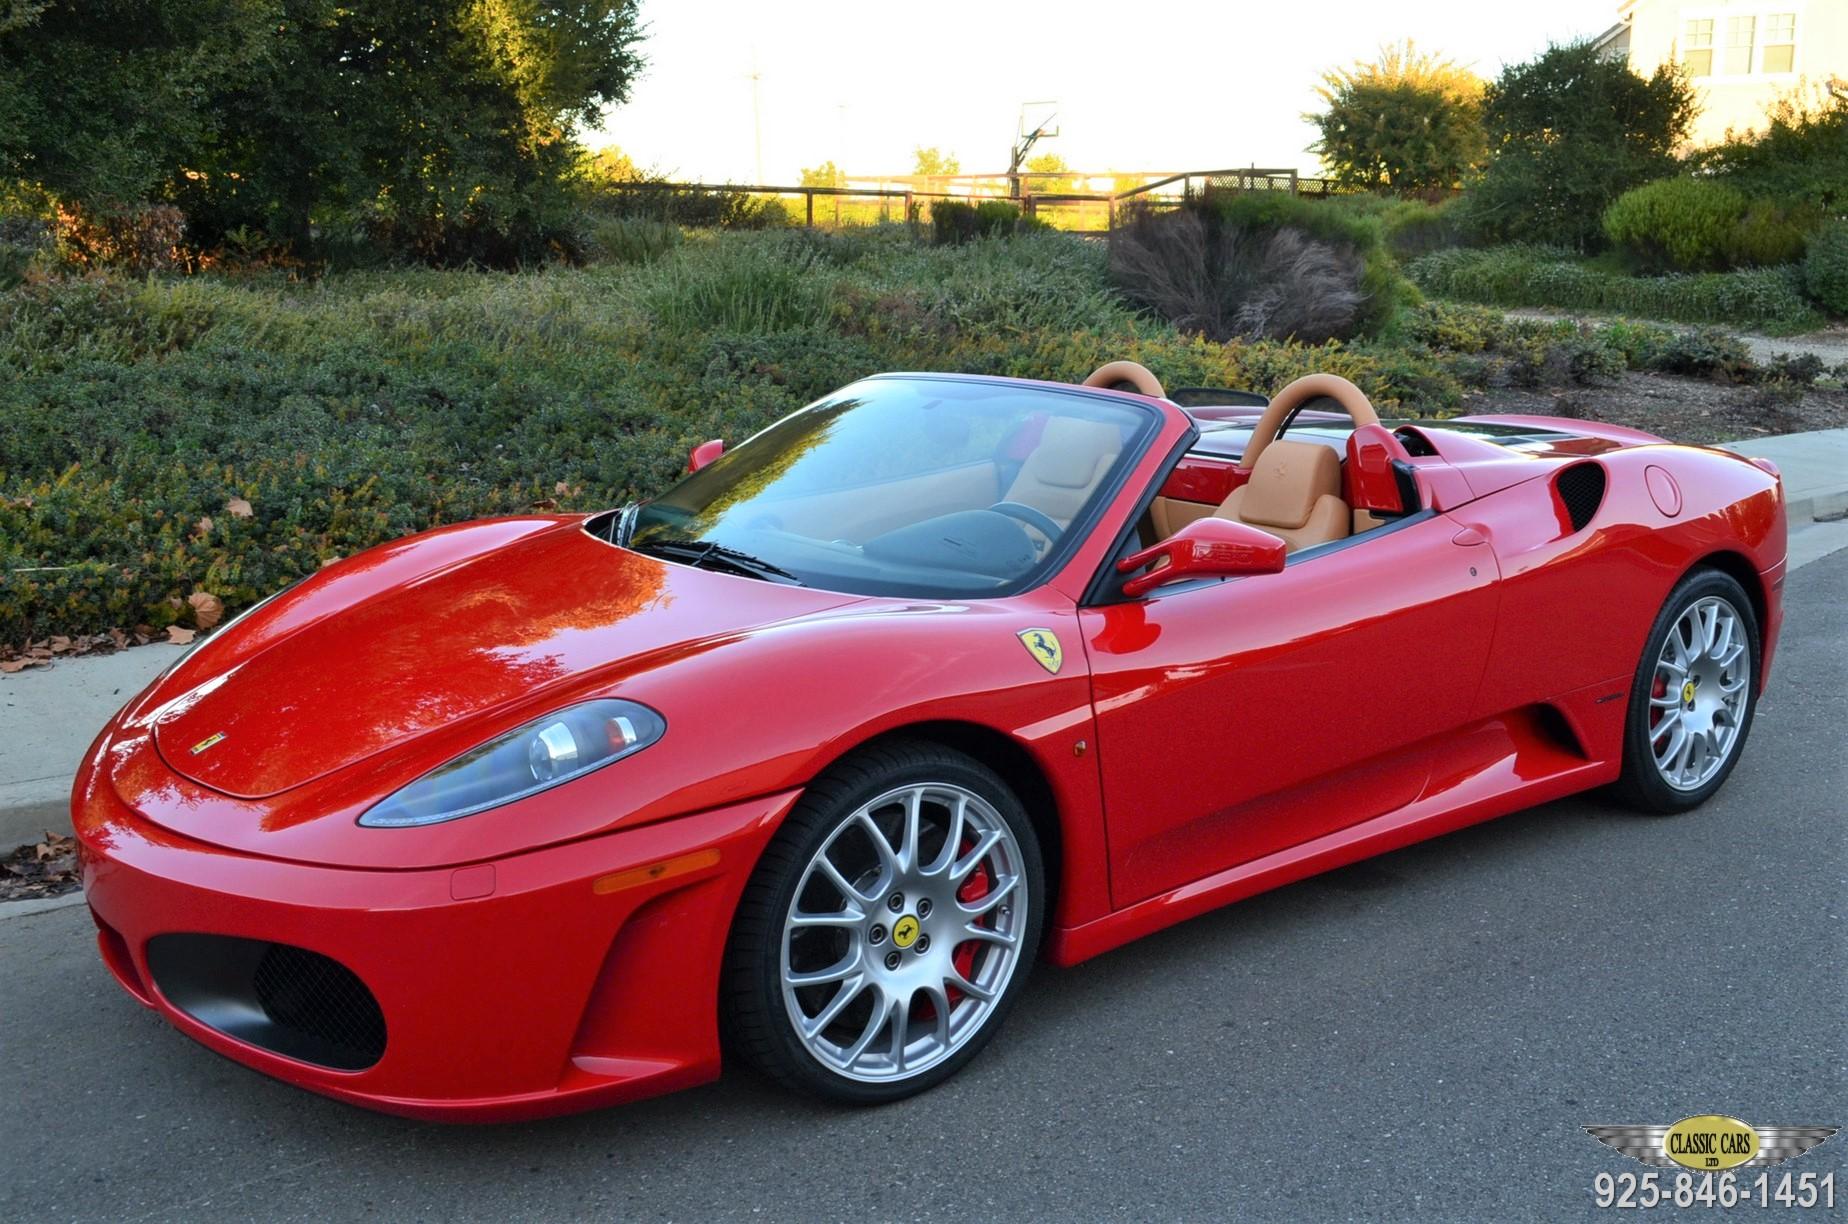 2005 Ferrari F430 Spider 6 Speed 3 Pedal Classic Cars Ltd Pleasanton California